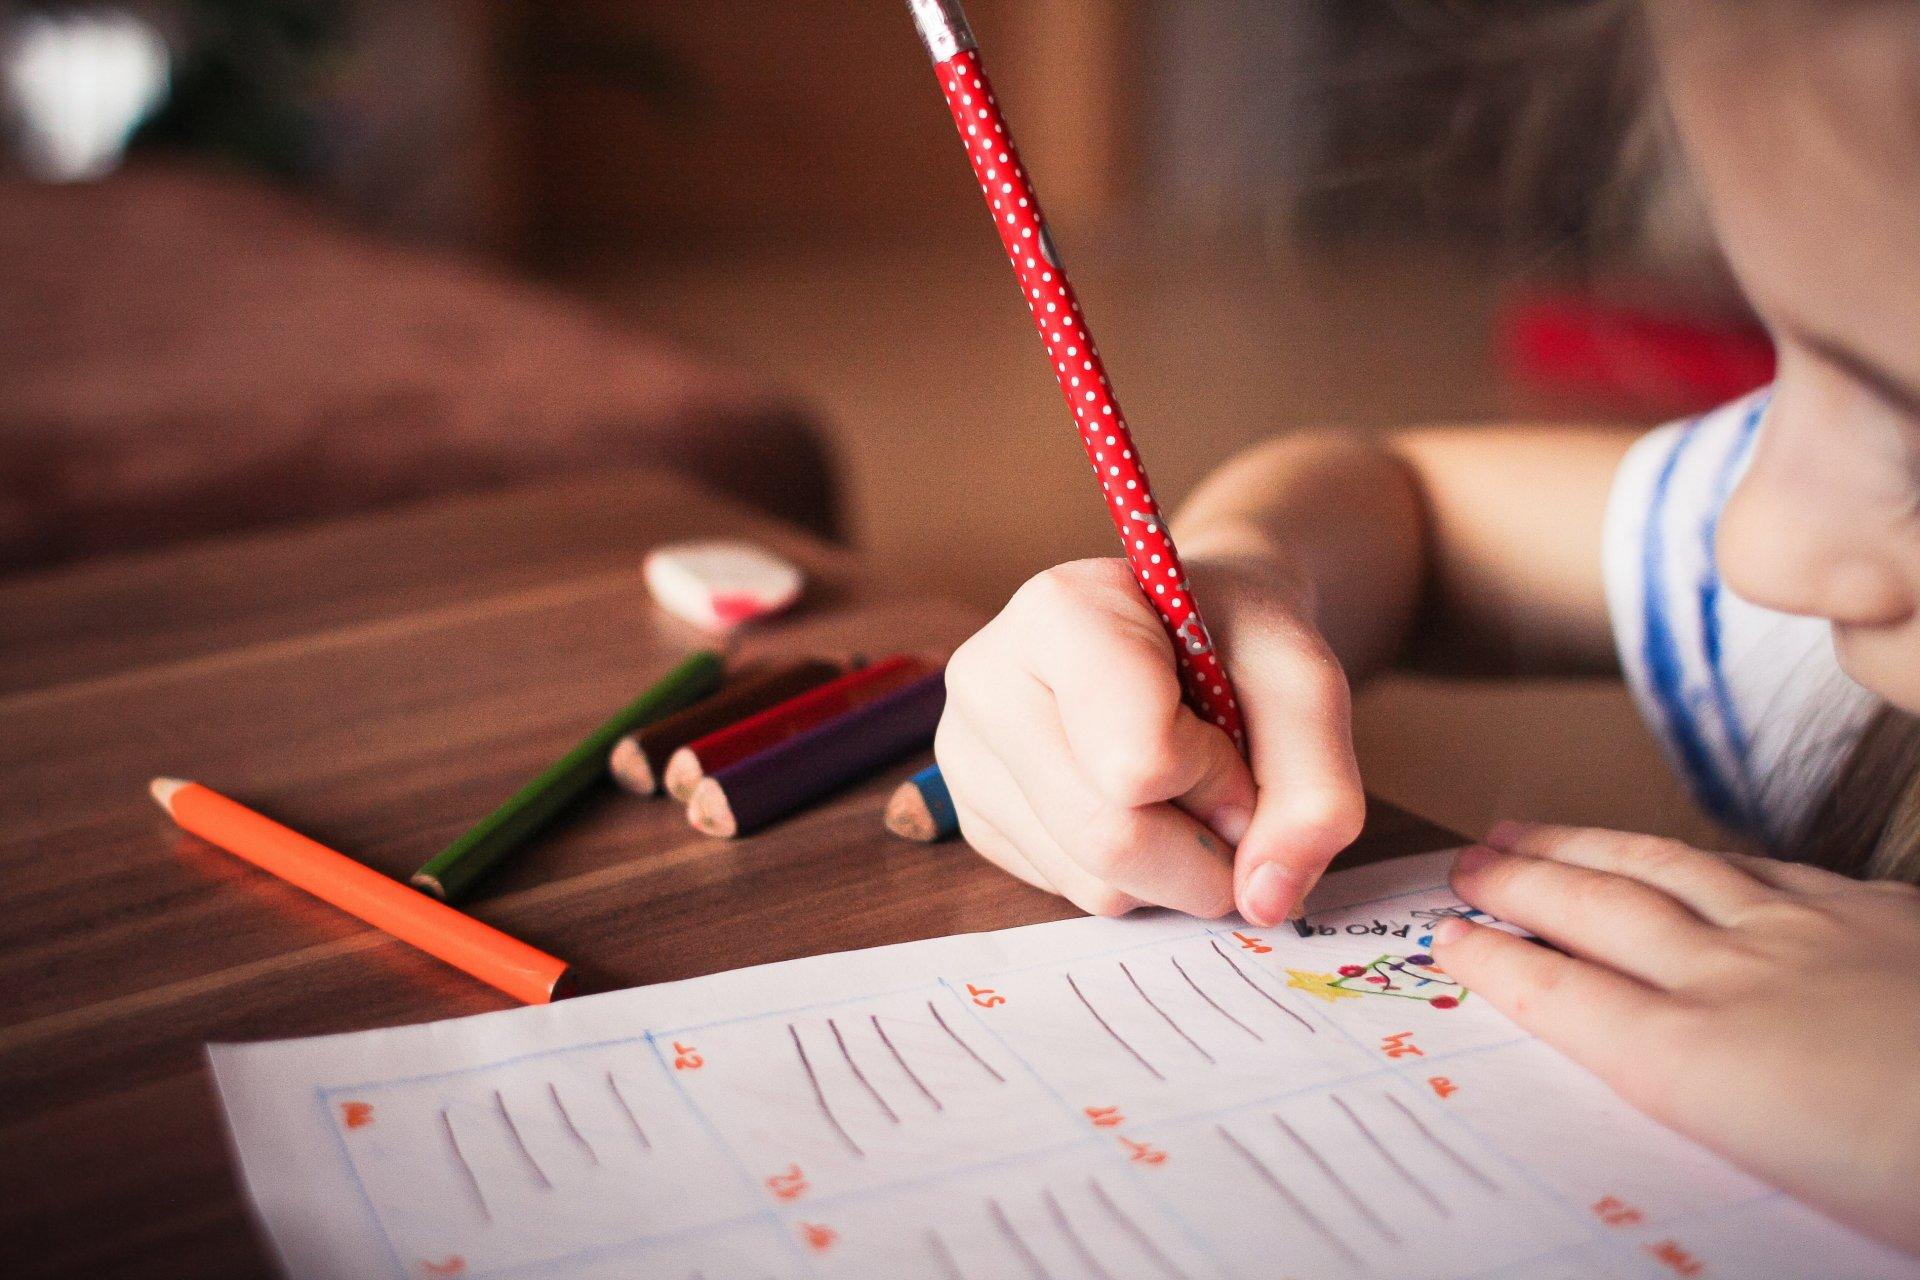 легке запамятовування неправильних дієслів в англійській мові в дитячому віці